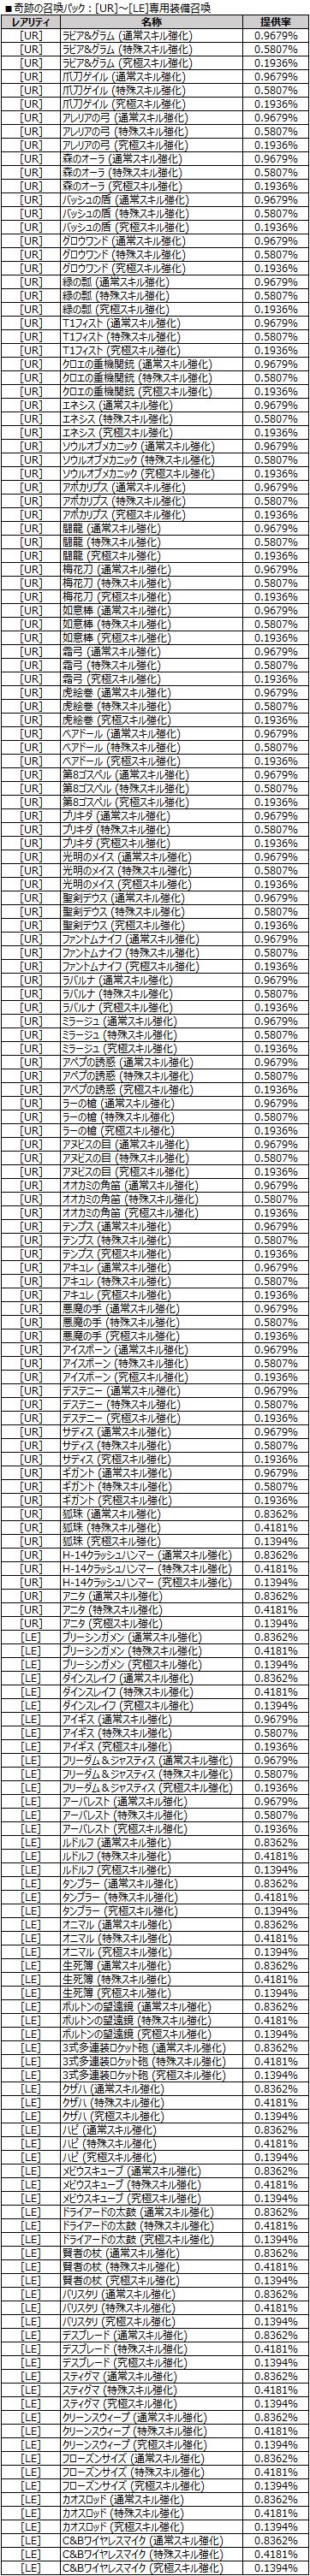 奇跡の召喚パック:[UR]~[LE]専用装備召喚